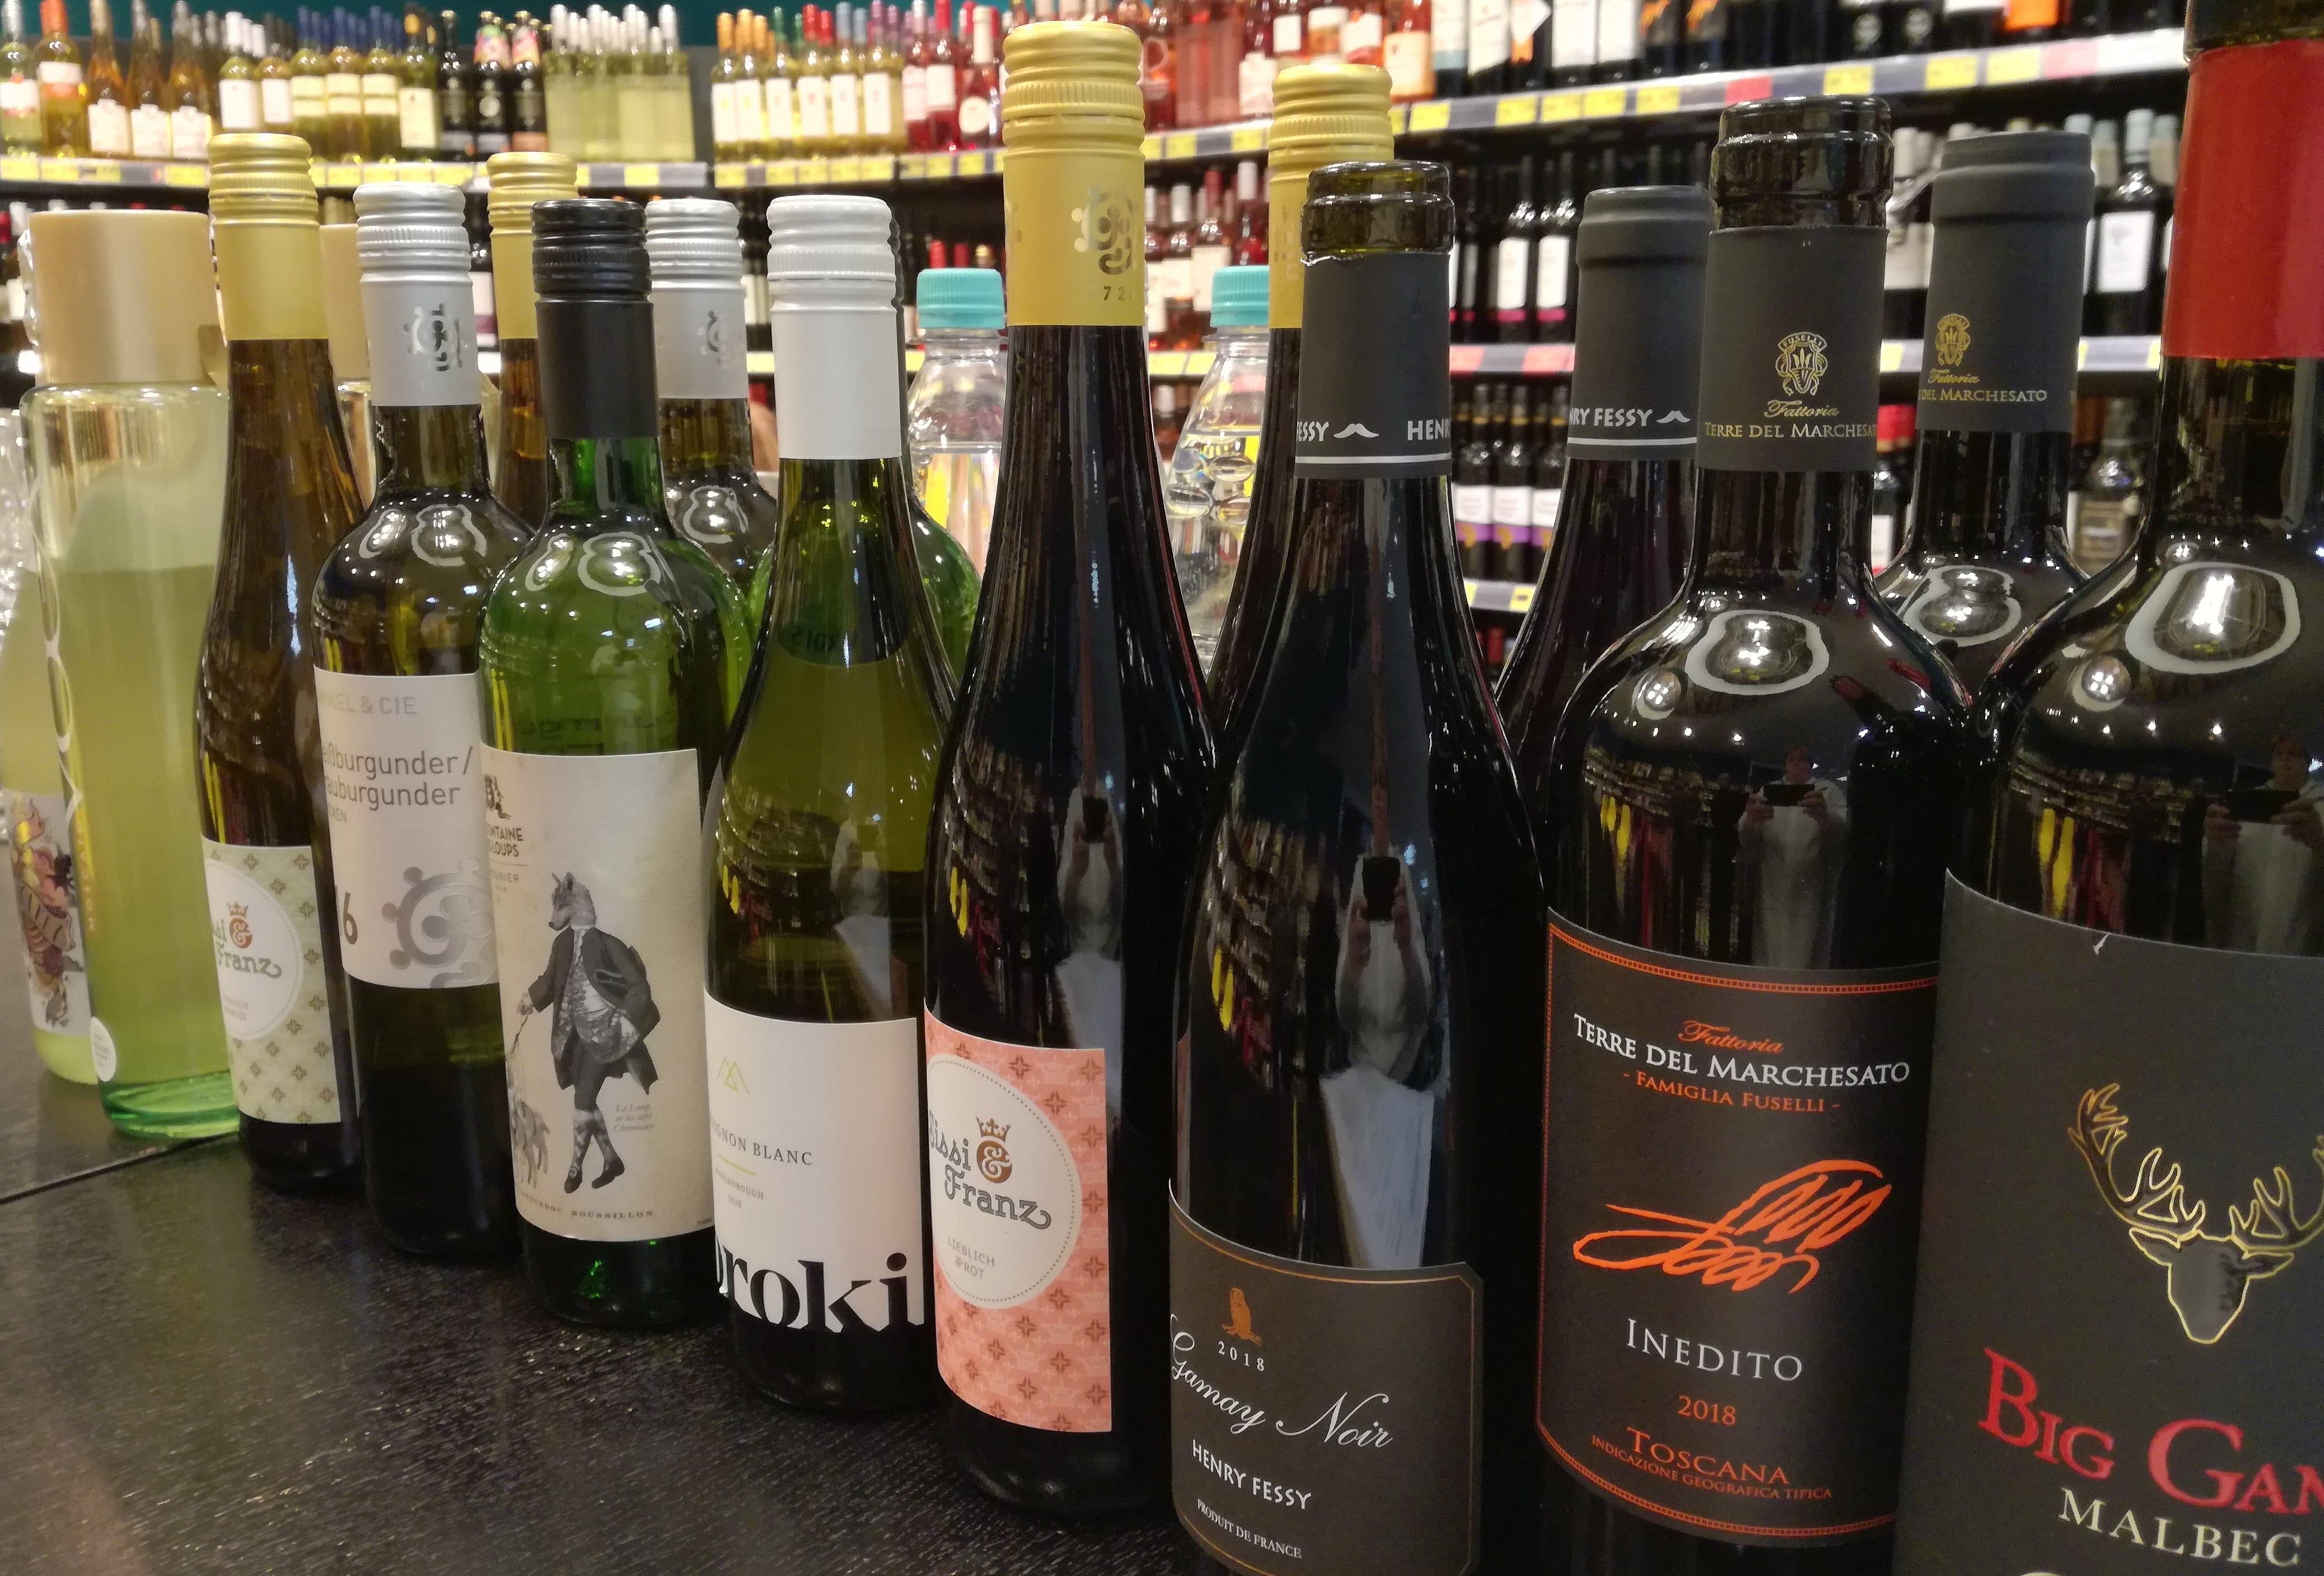 Ein sehr informativer Abend – eine gelungene Weinprobe!